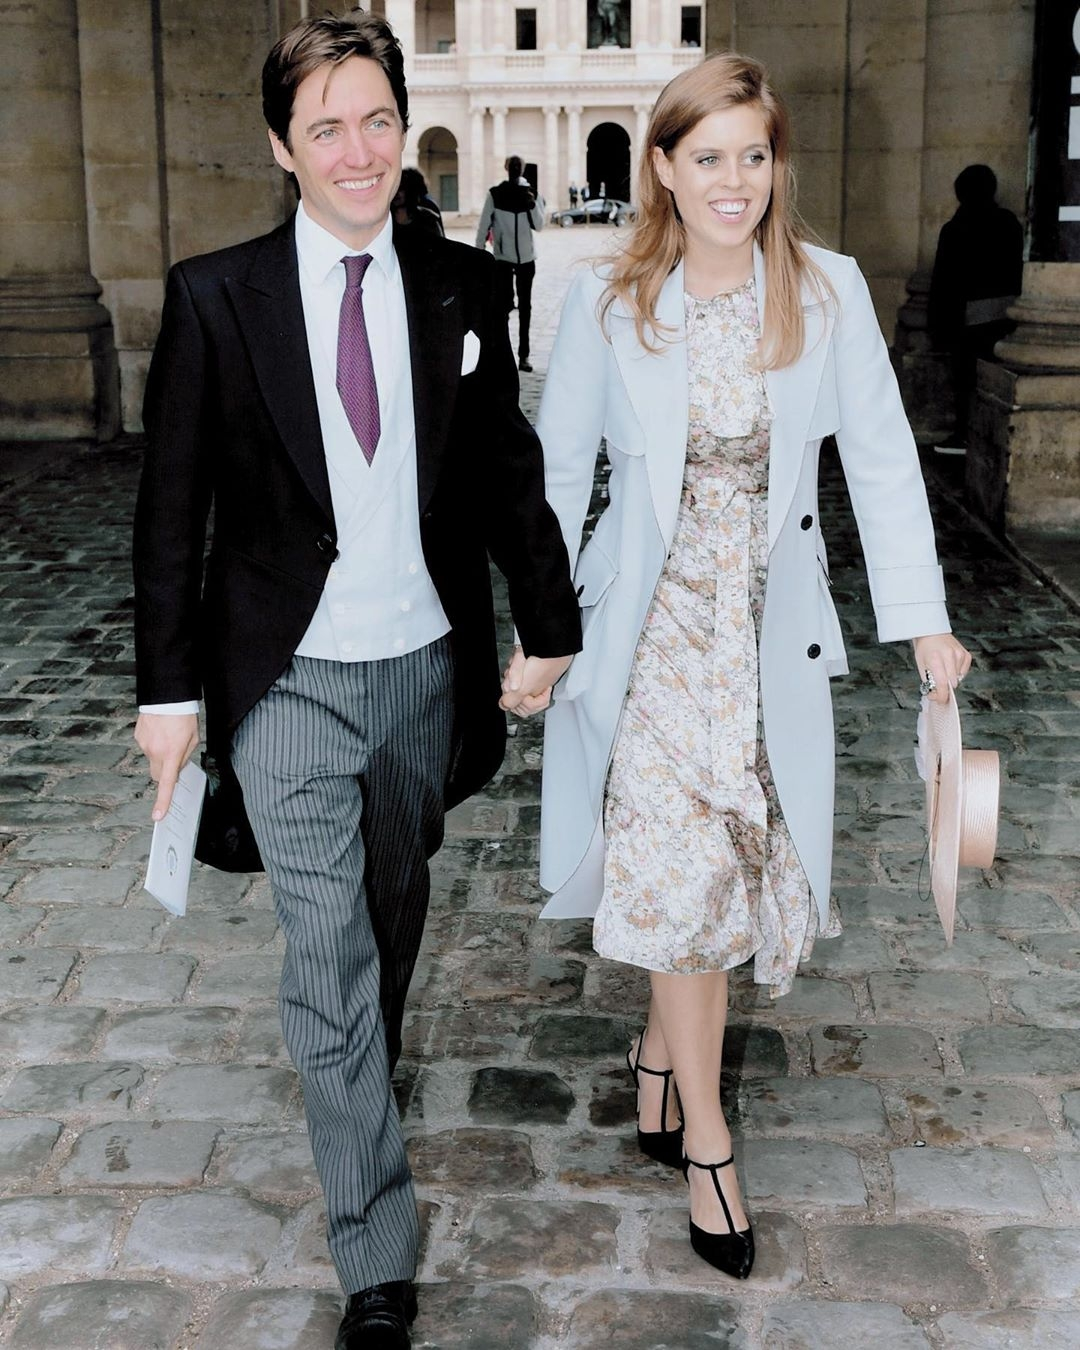 свадьба принцессы беатрис отменена из-за коронавируса